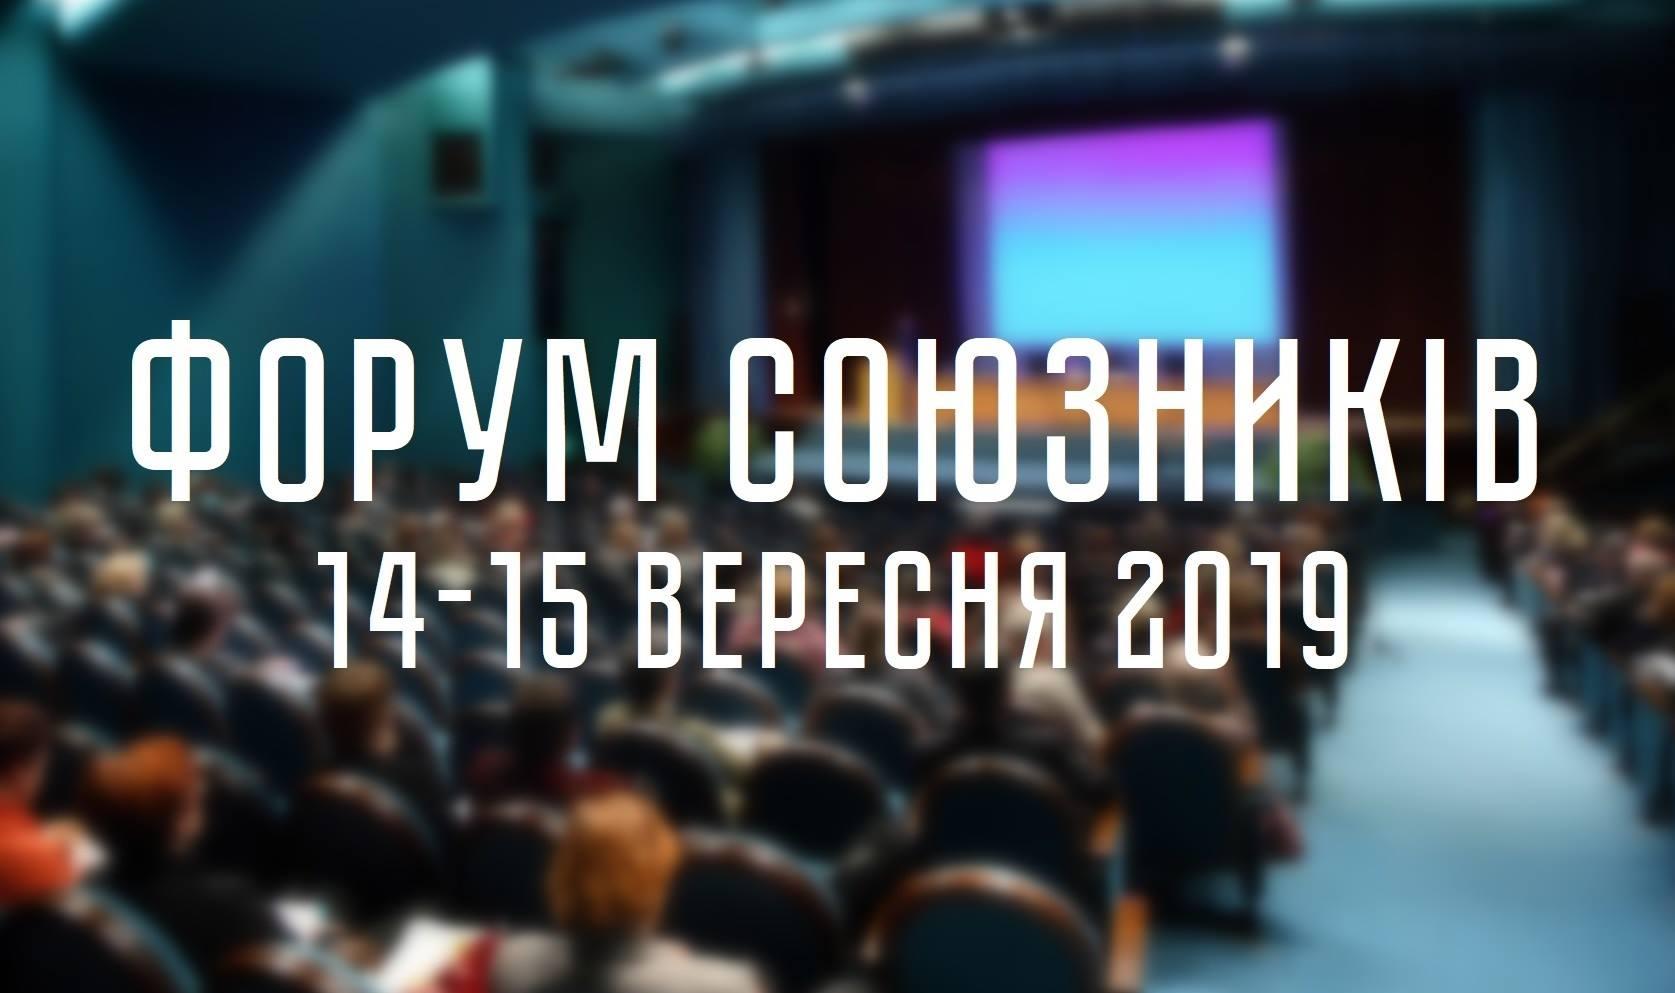 Вперше в Україні: Форум союзників ЛГБТ (початок відбору)